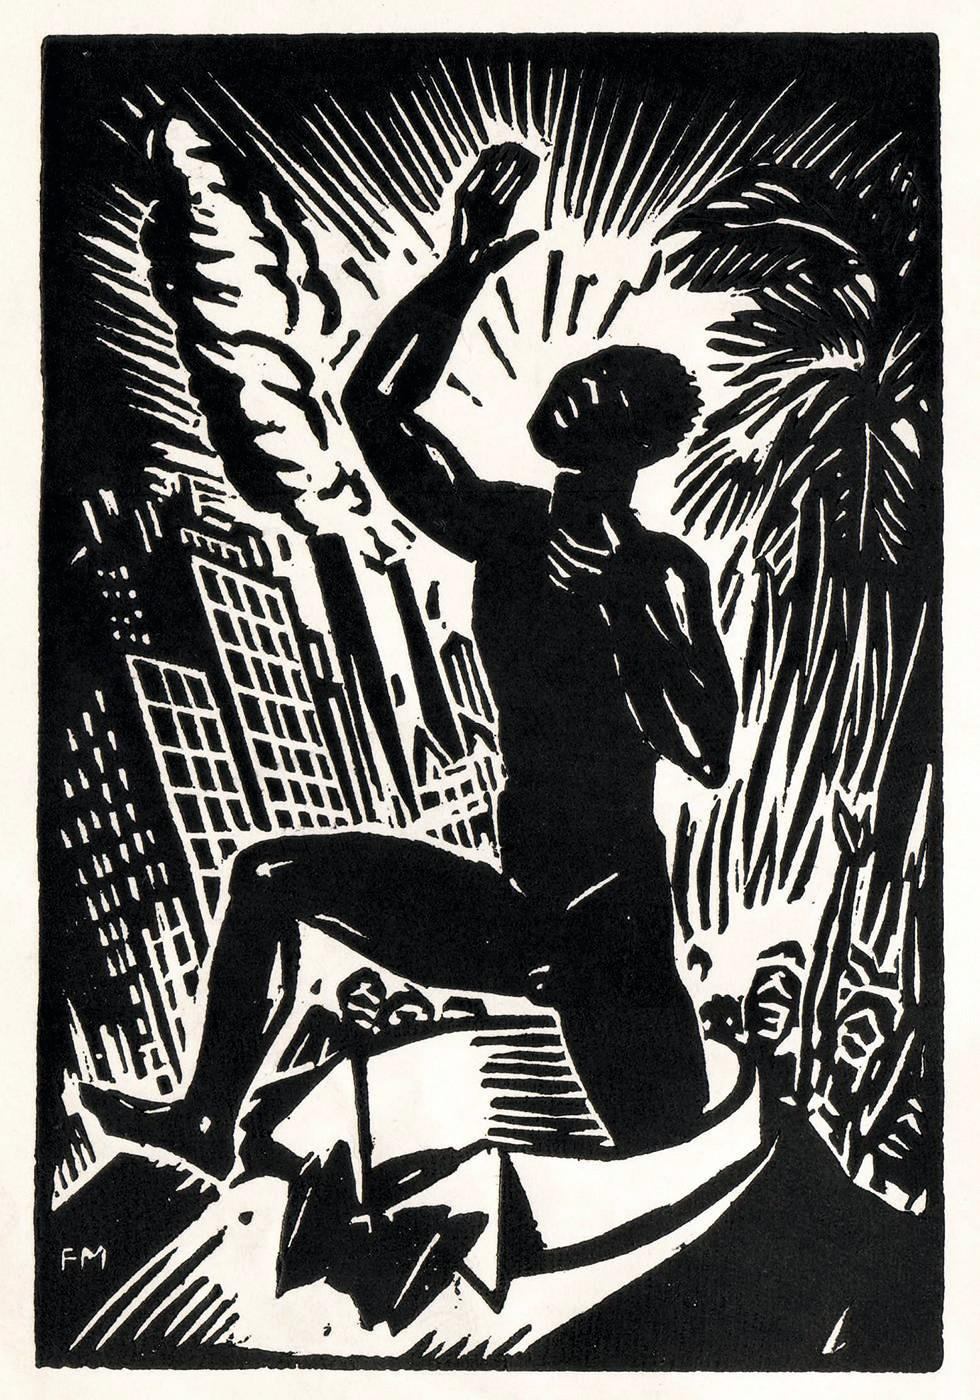 Frans Masereel, frontispice de Pigments de Léon-Gontran Damas, 1937, gravure sur bois, 11,2 × 7,5 cm, Éditions GLM.